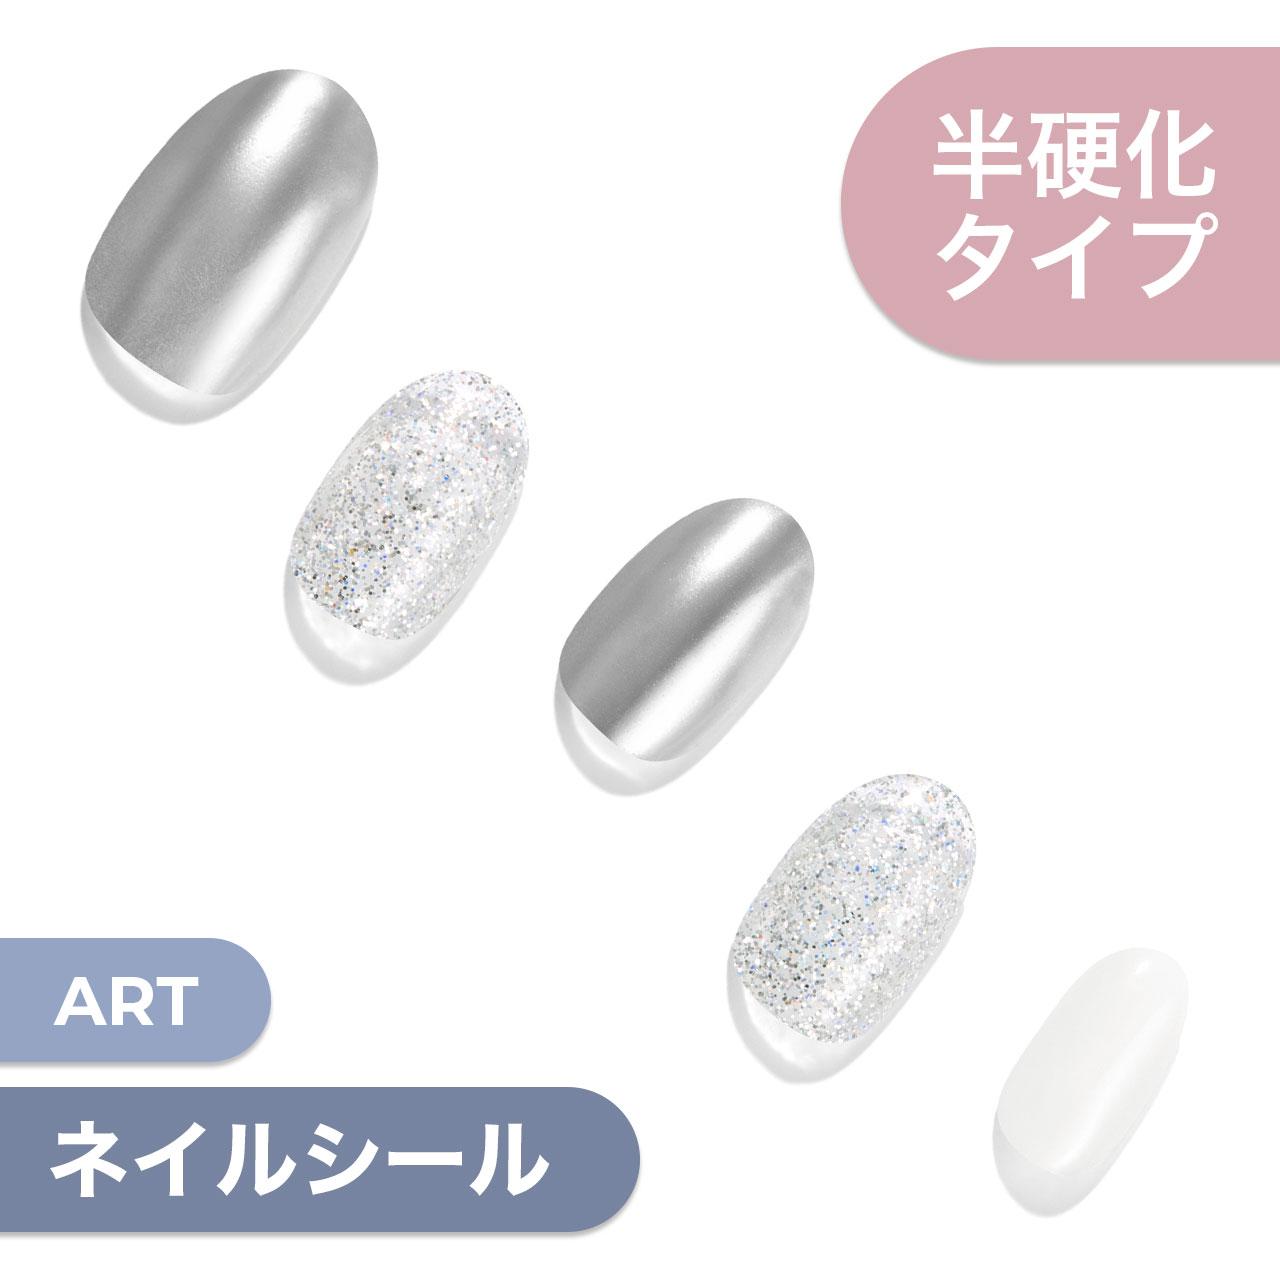 【Silver Holic】ダッシングディバグレーズ